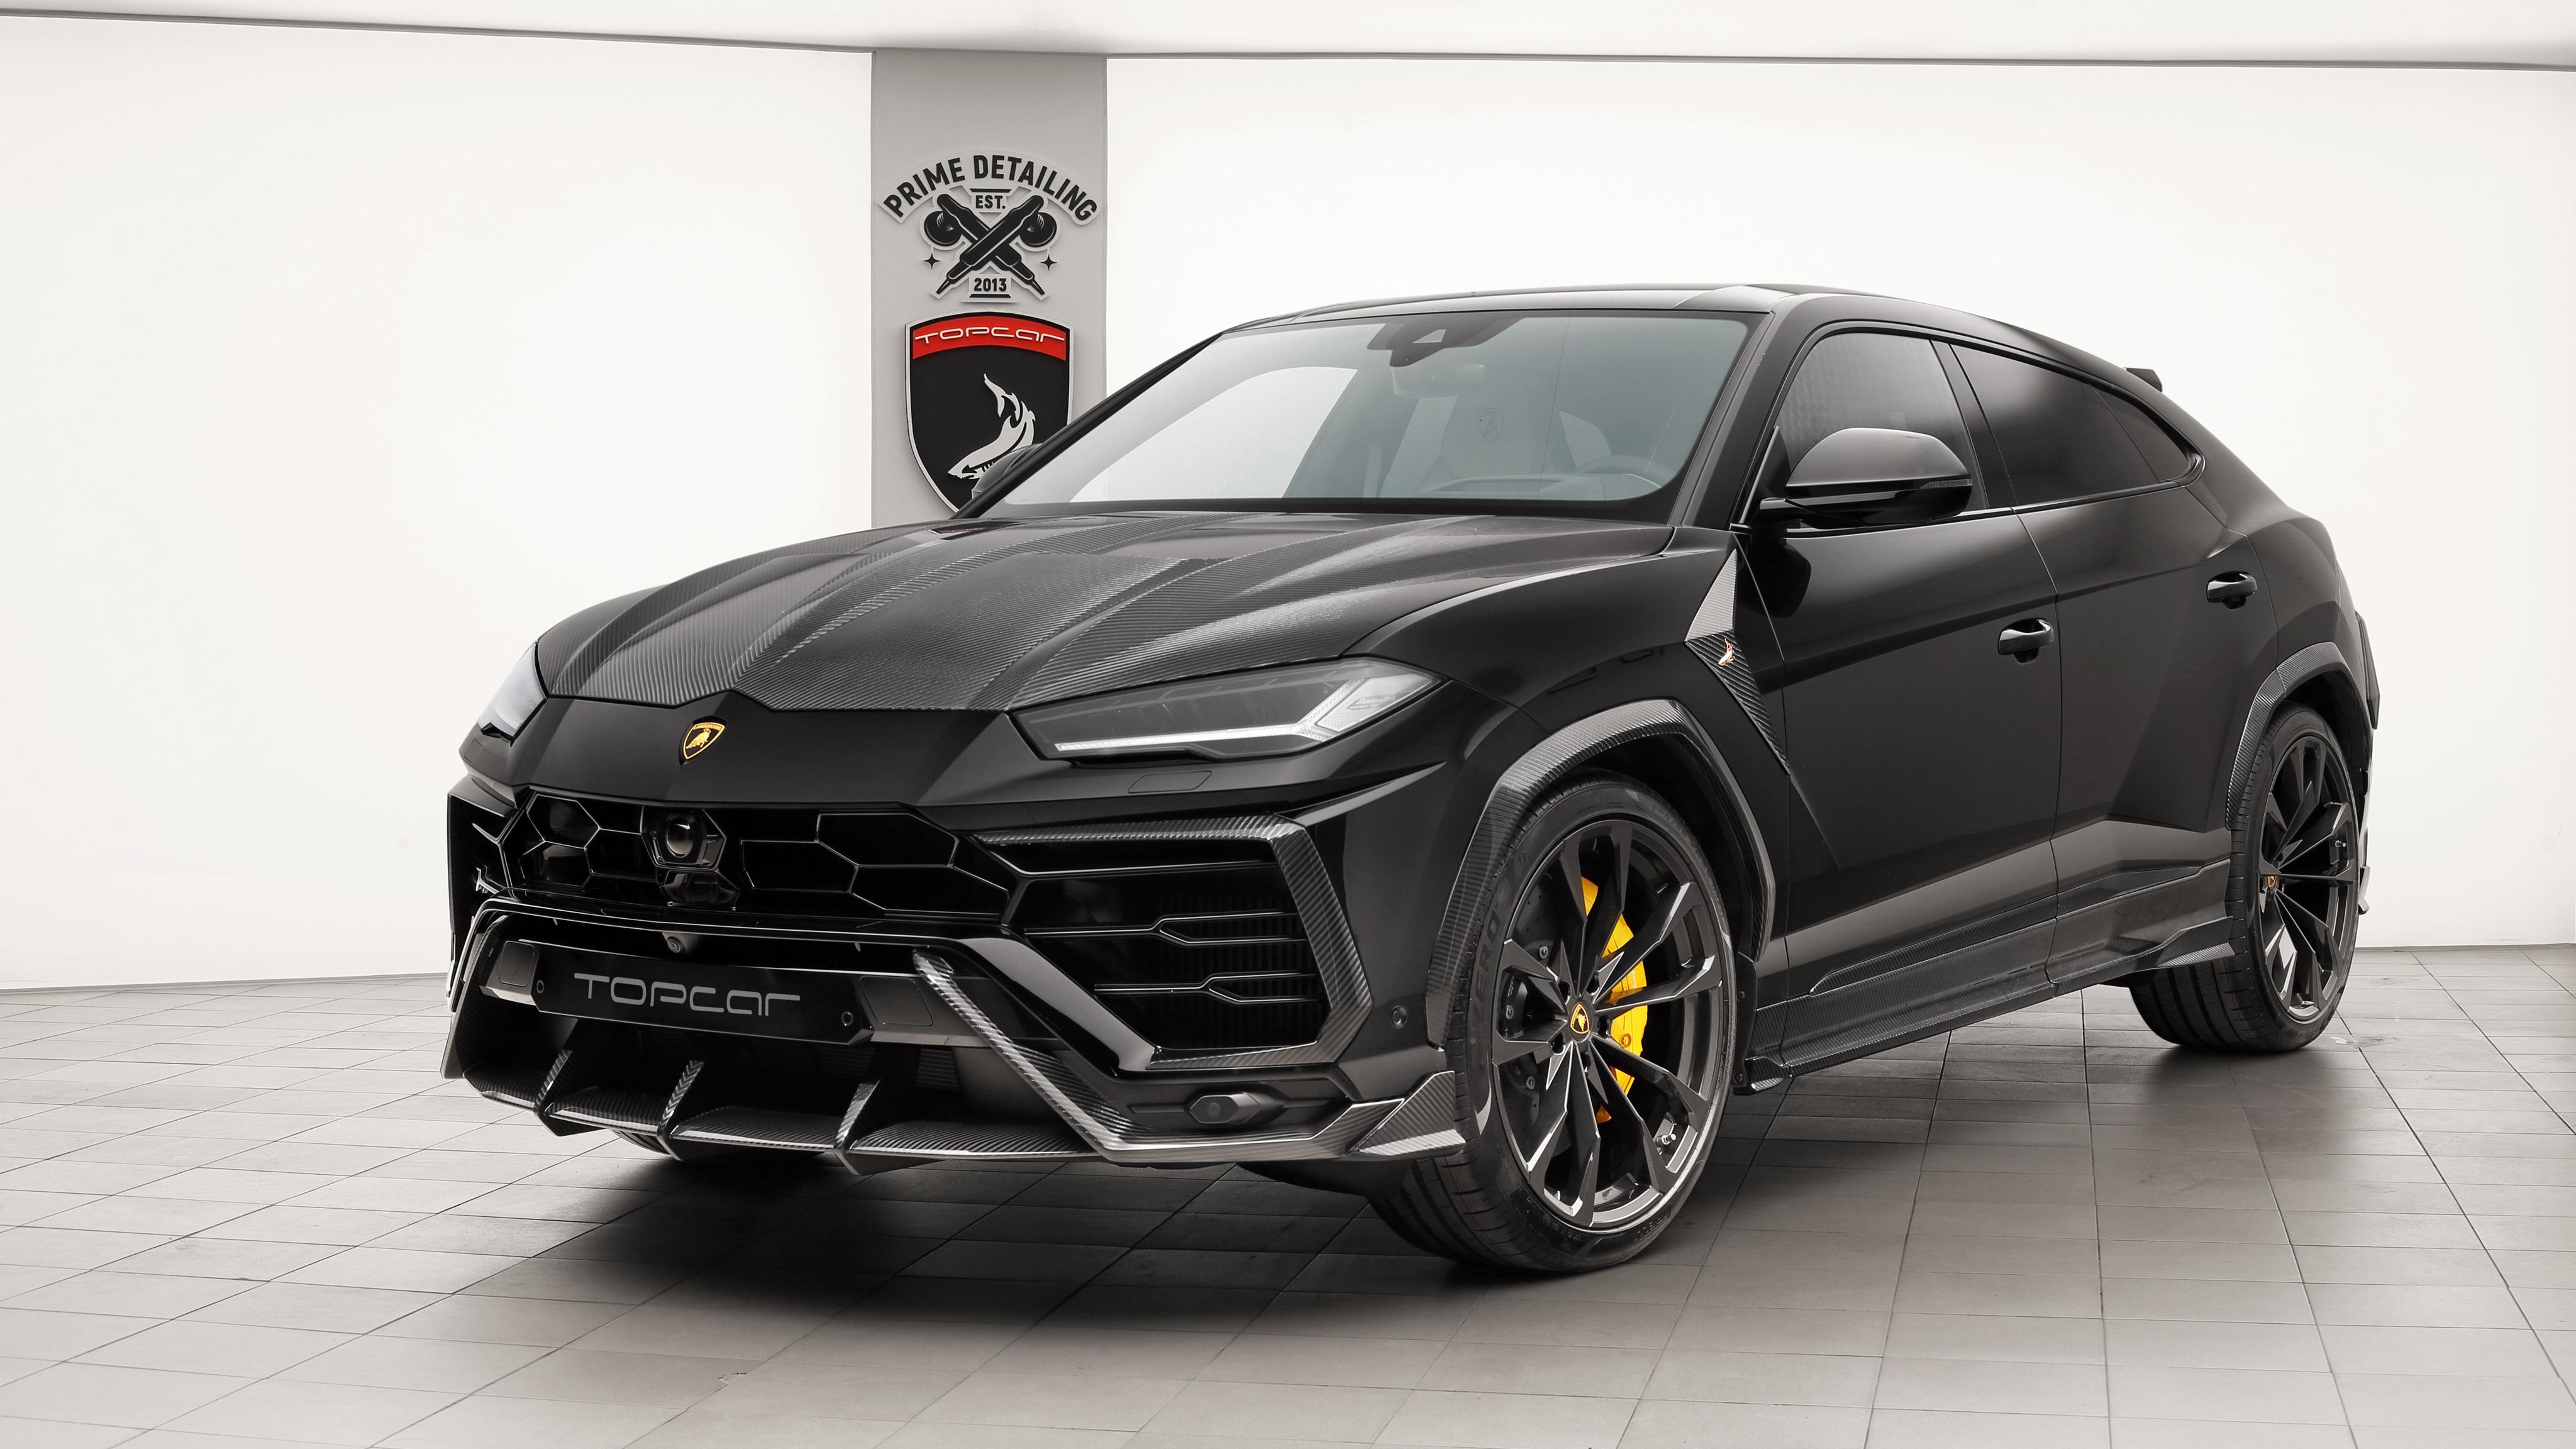 TopCar Lamborghini Urus 2018 4K Wallpapers | HD Wallpapers